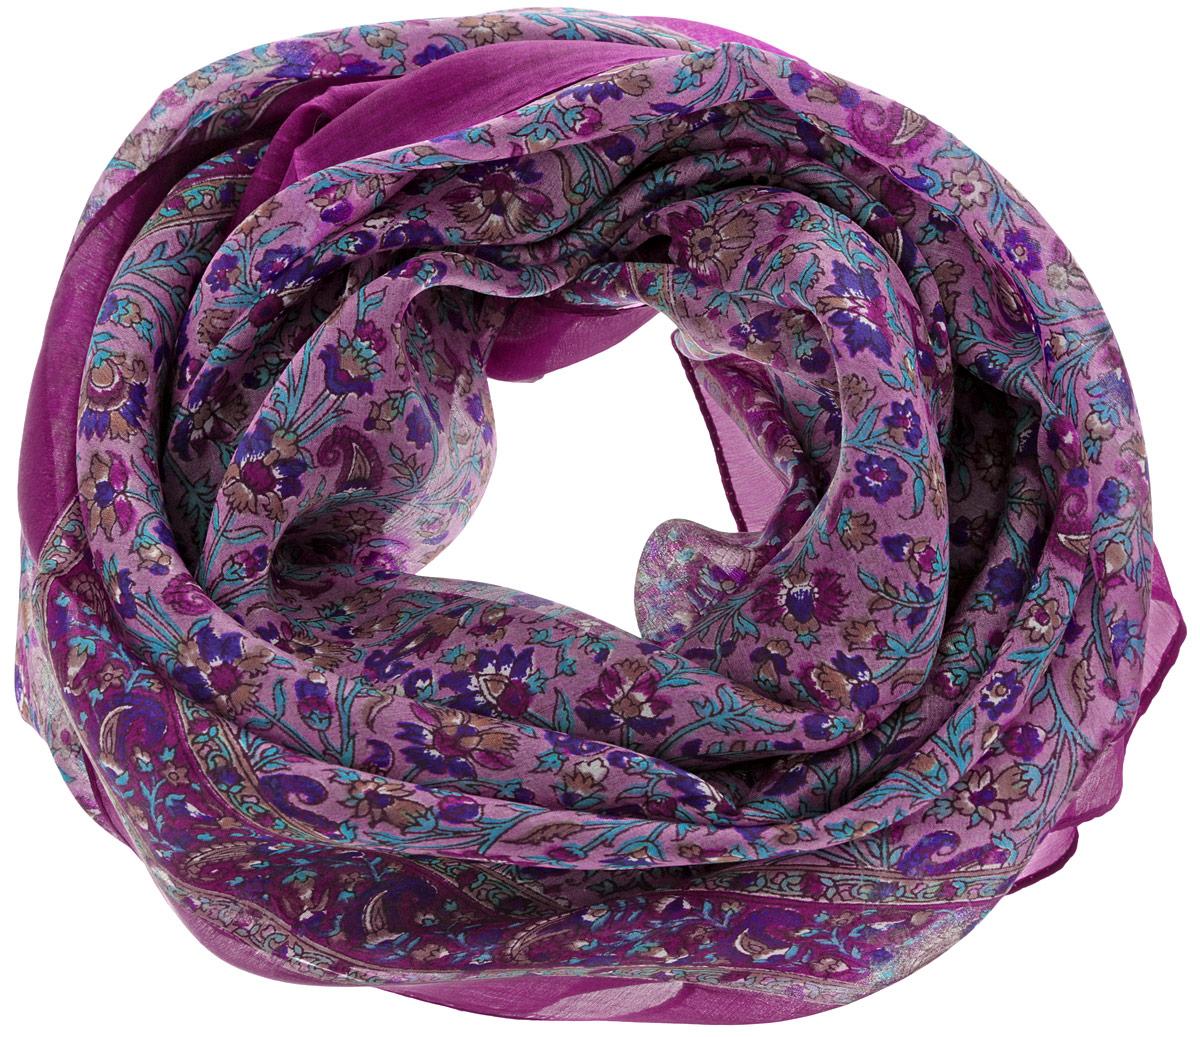 Платок женский Ethnica, цвет: малиновый, бирюзовый. 560135н. Размер 100 см х 100 см560135нСтильный женский платок Ethnica станет великолепным завершением любого наряда. Платок изготовлен из 100% шелка с использованием натуральных красителей, оформлен оригинальным орнаментом. Классическая квадратная форма позволяет носить платок на шее, украшать им прическу или декорировать сумочку. Такой платок превосходно дополнит любой наряд и подчеркнет ваш неповторимый вкус и элегантность.